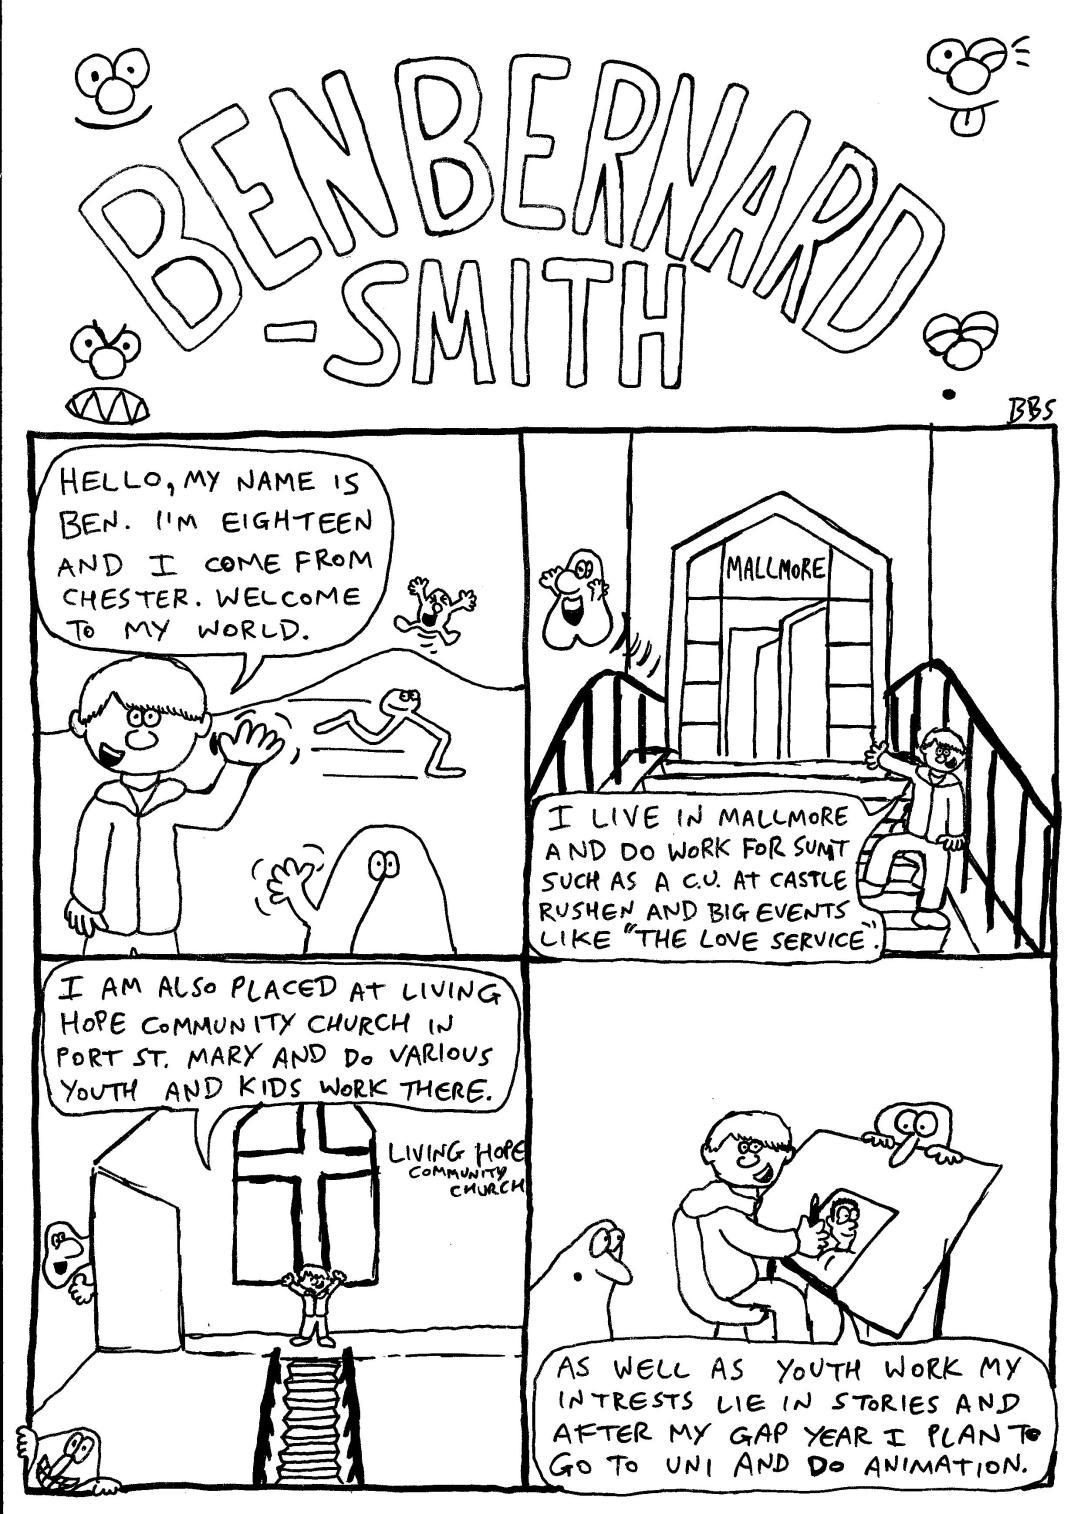 SUMT bio comic